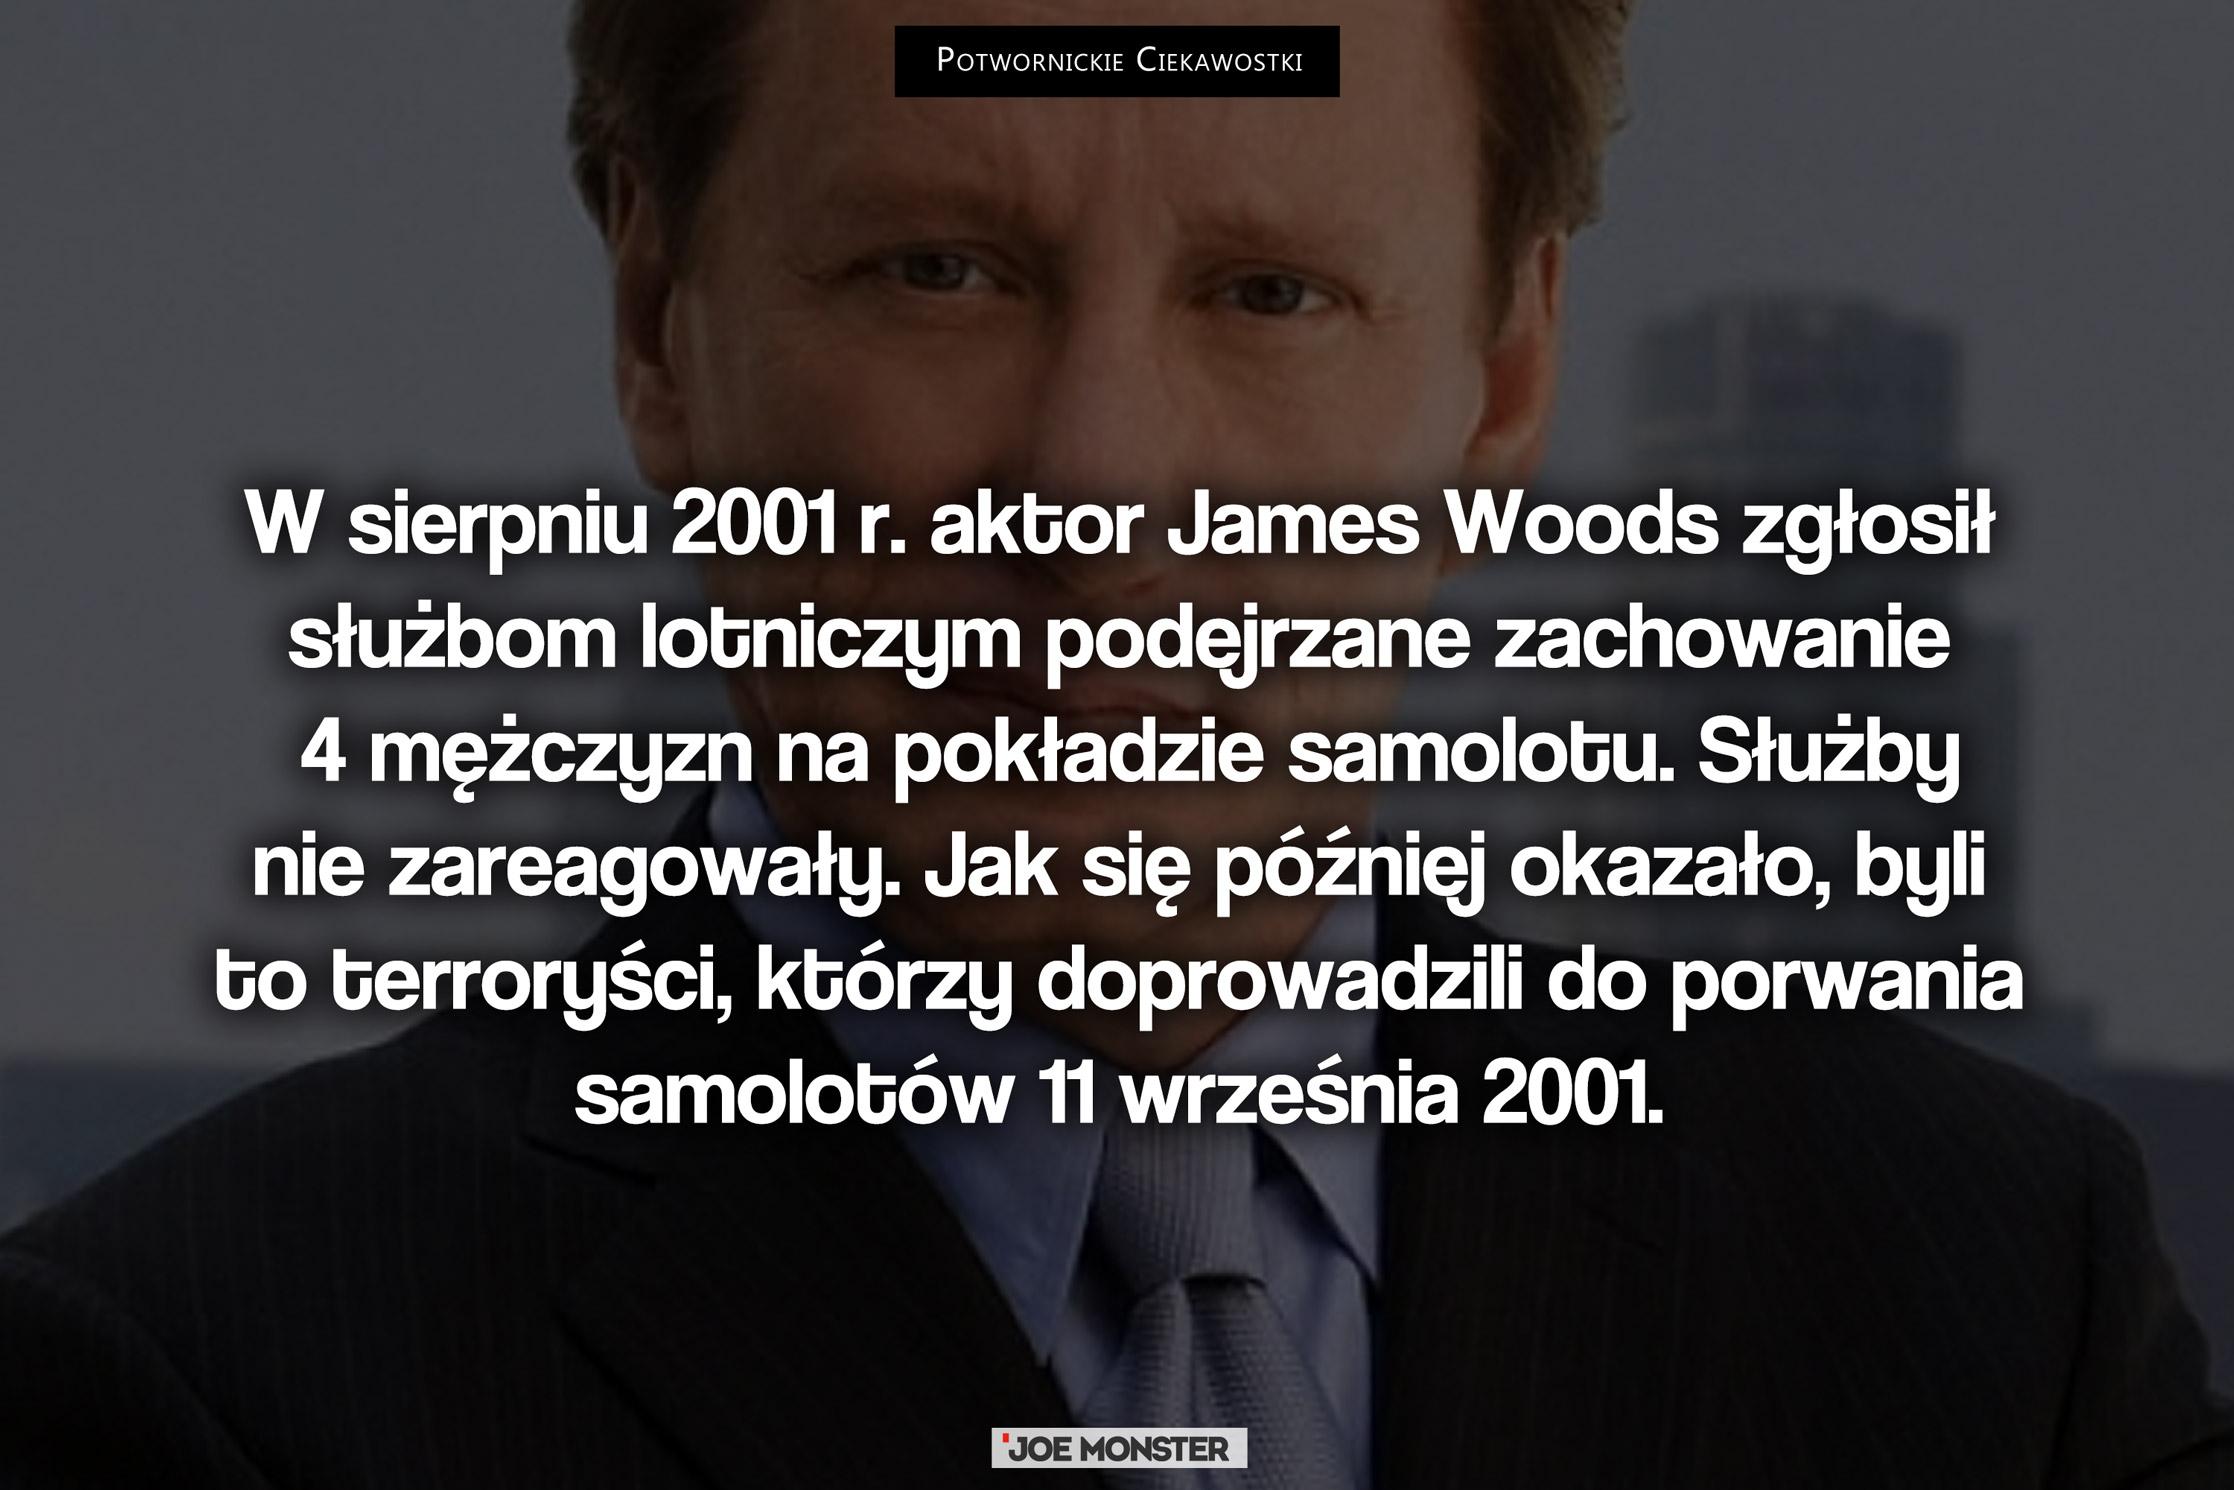 W Sierpniu 2001 r. aktor James Woods zgłosił służbom lotniczym podejrzane zachowanie 4 mężczyzn na pokładzie samolotu. Służby nie zareagowały. Jak się później okazało, byli to terroryści, którzy doprowadzili do porwania samolotów 11 września 2001.